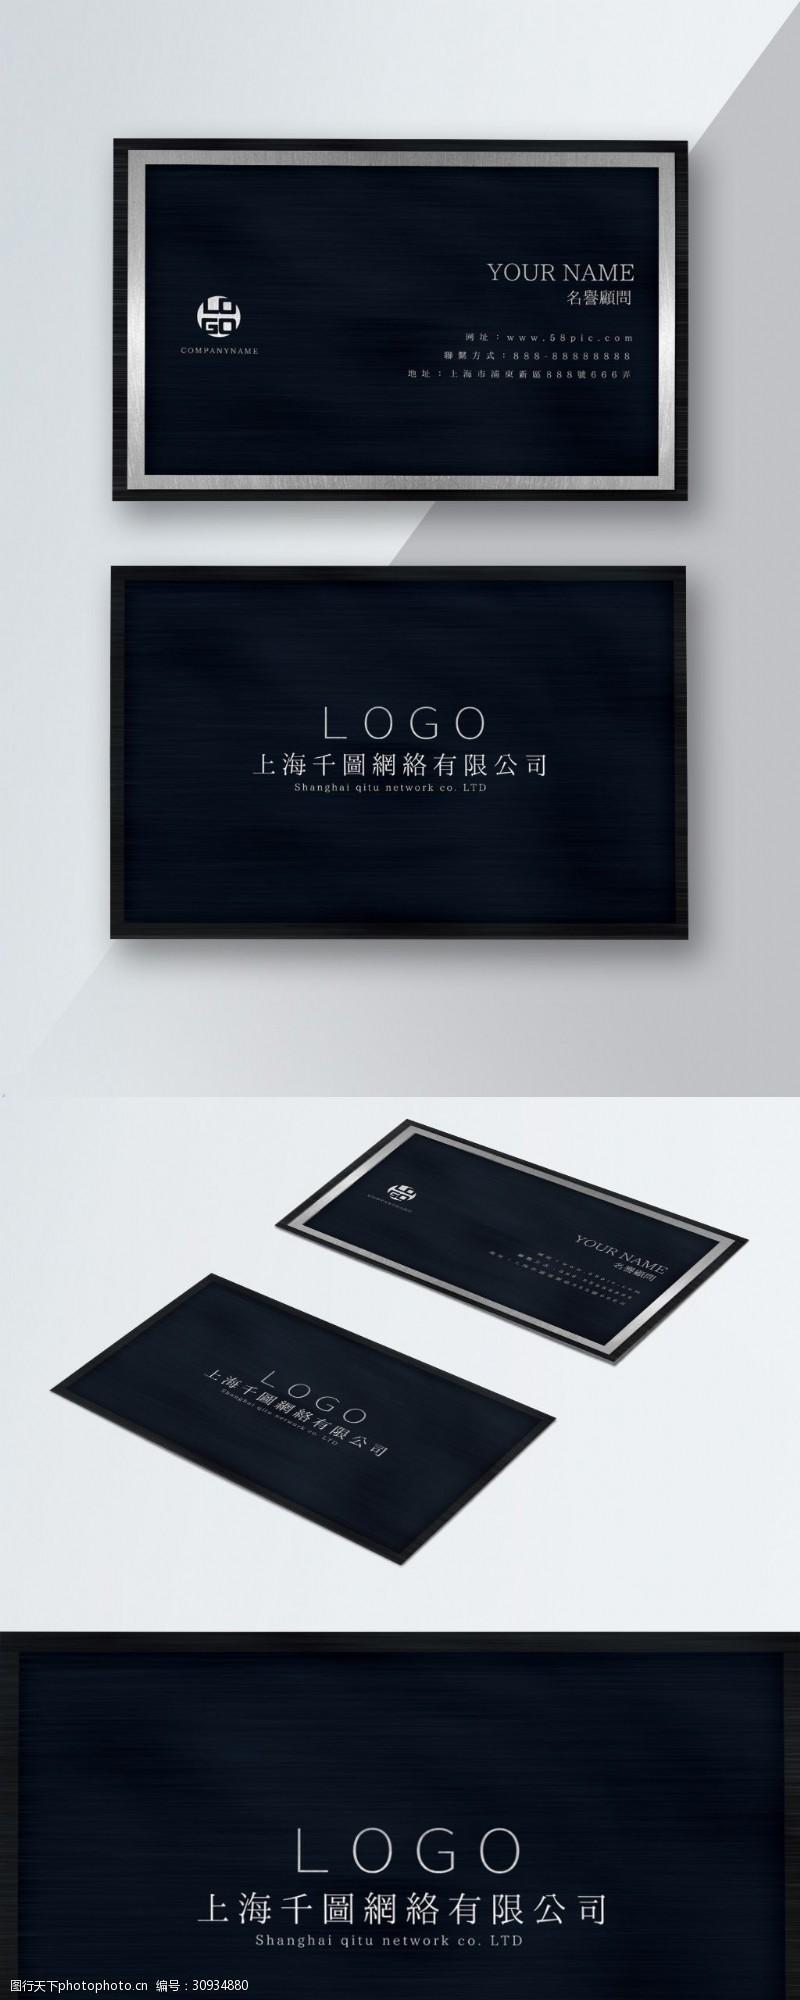 墨藍質感商務大氣創意波紋高端設計名片